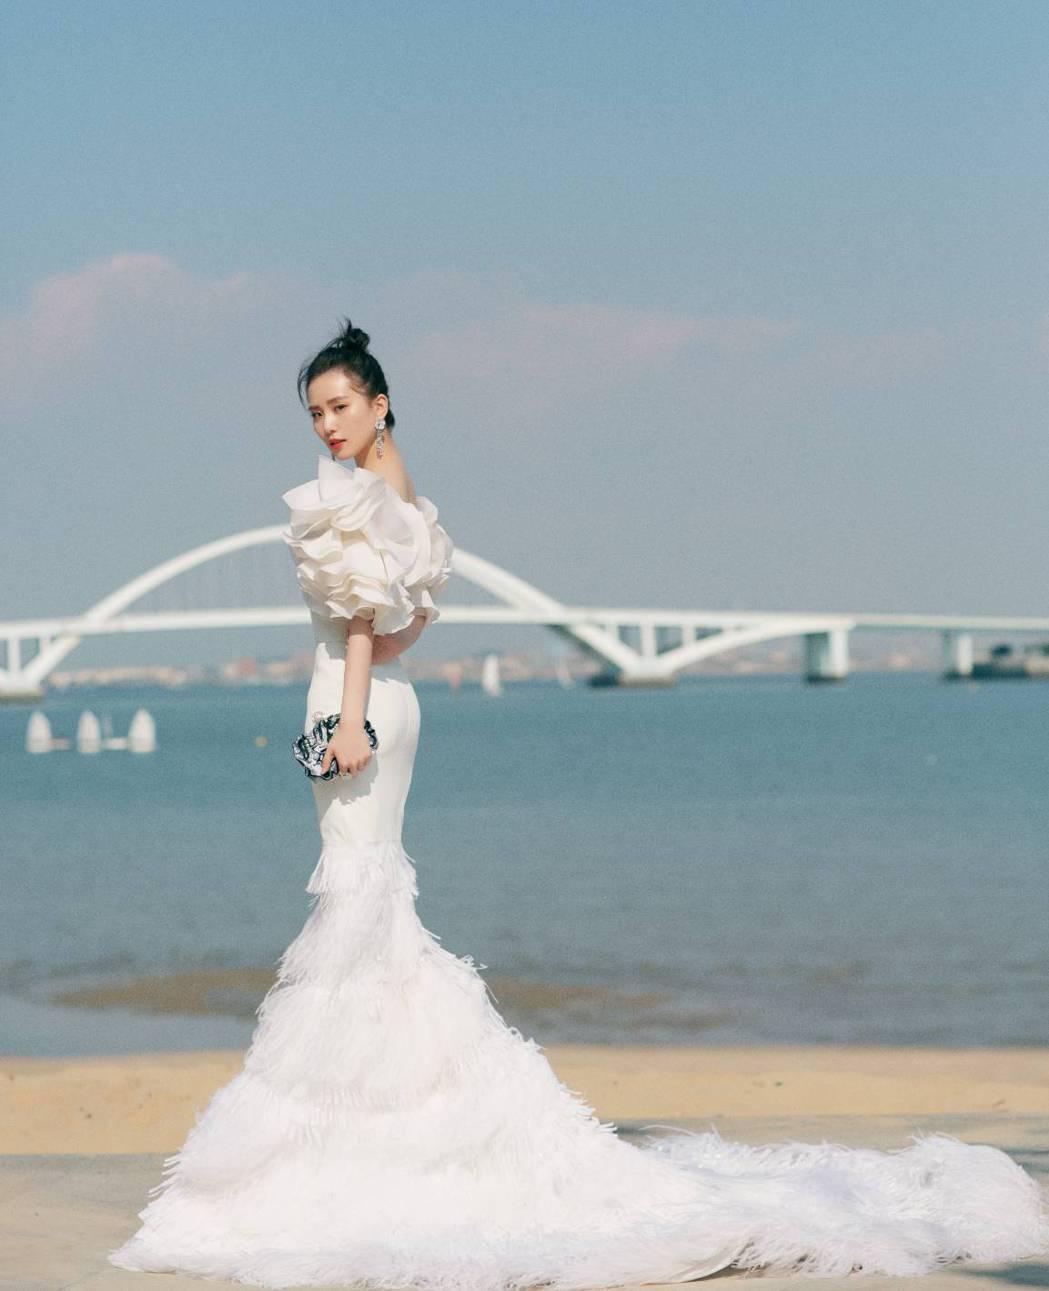 劉詩詩的禮服裙襬很長。圖/摘自微博